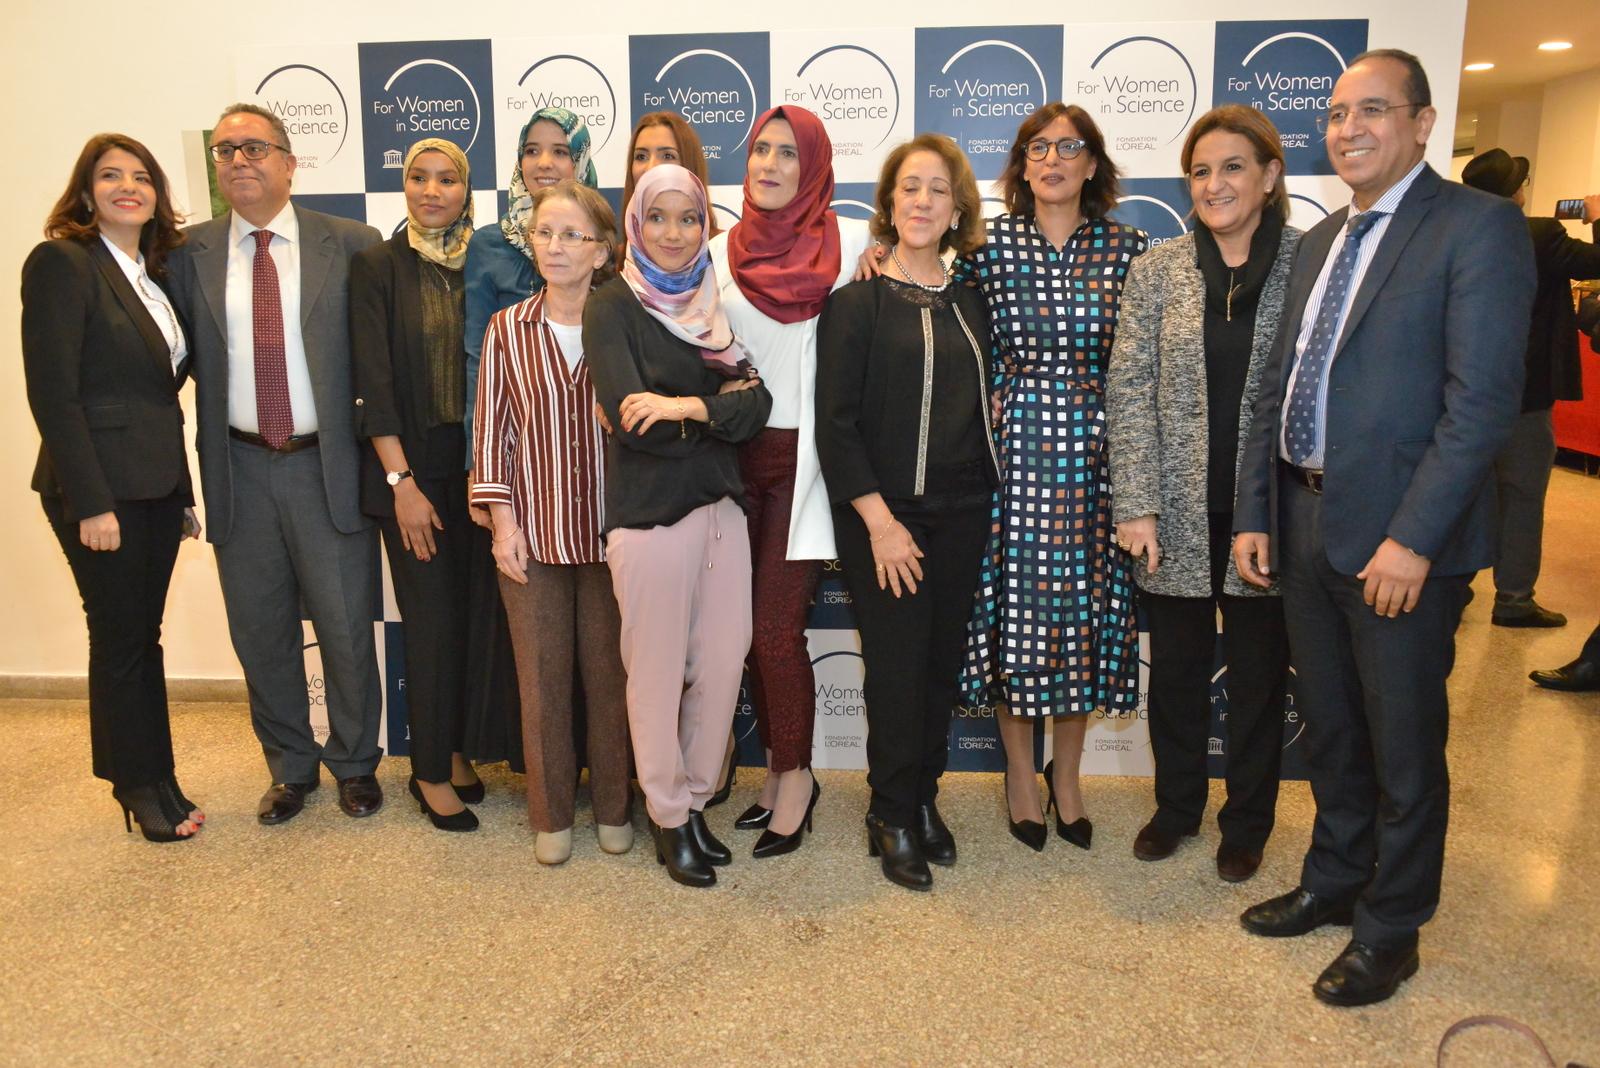 Remise des bourses L'Oréal-UNESCO pour les femmes et la science